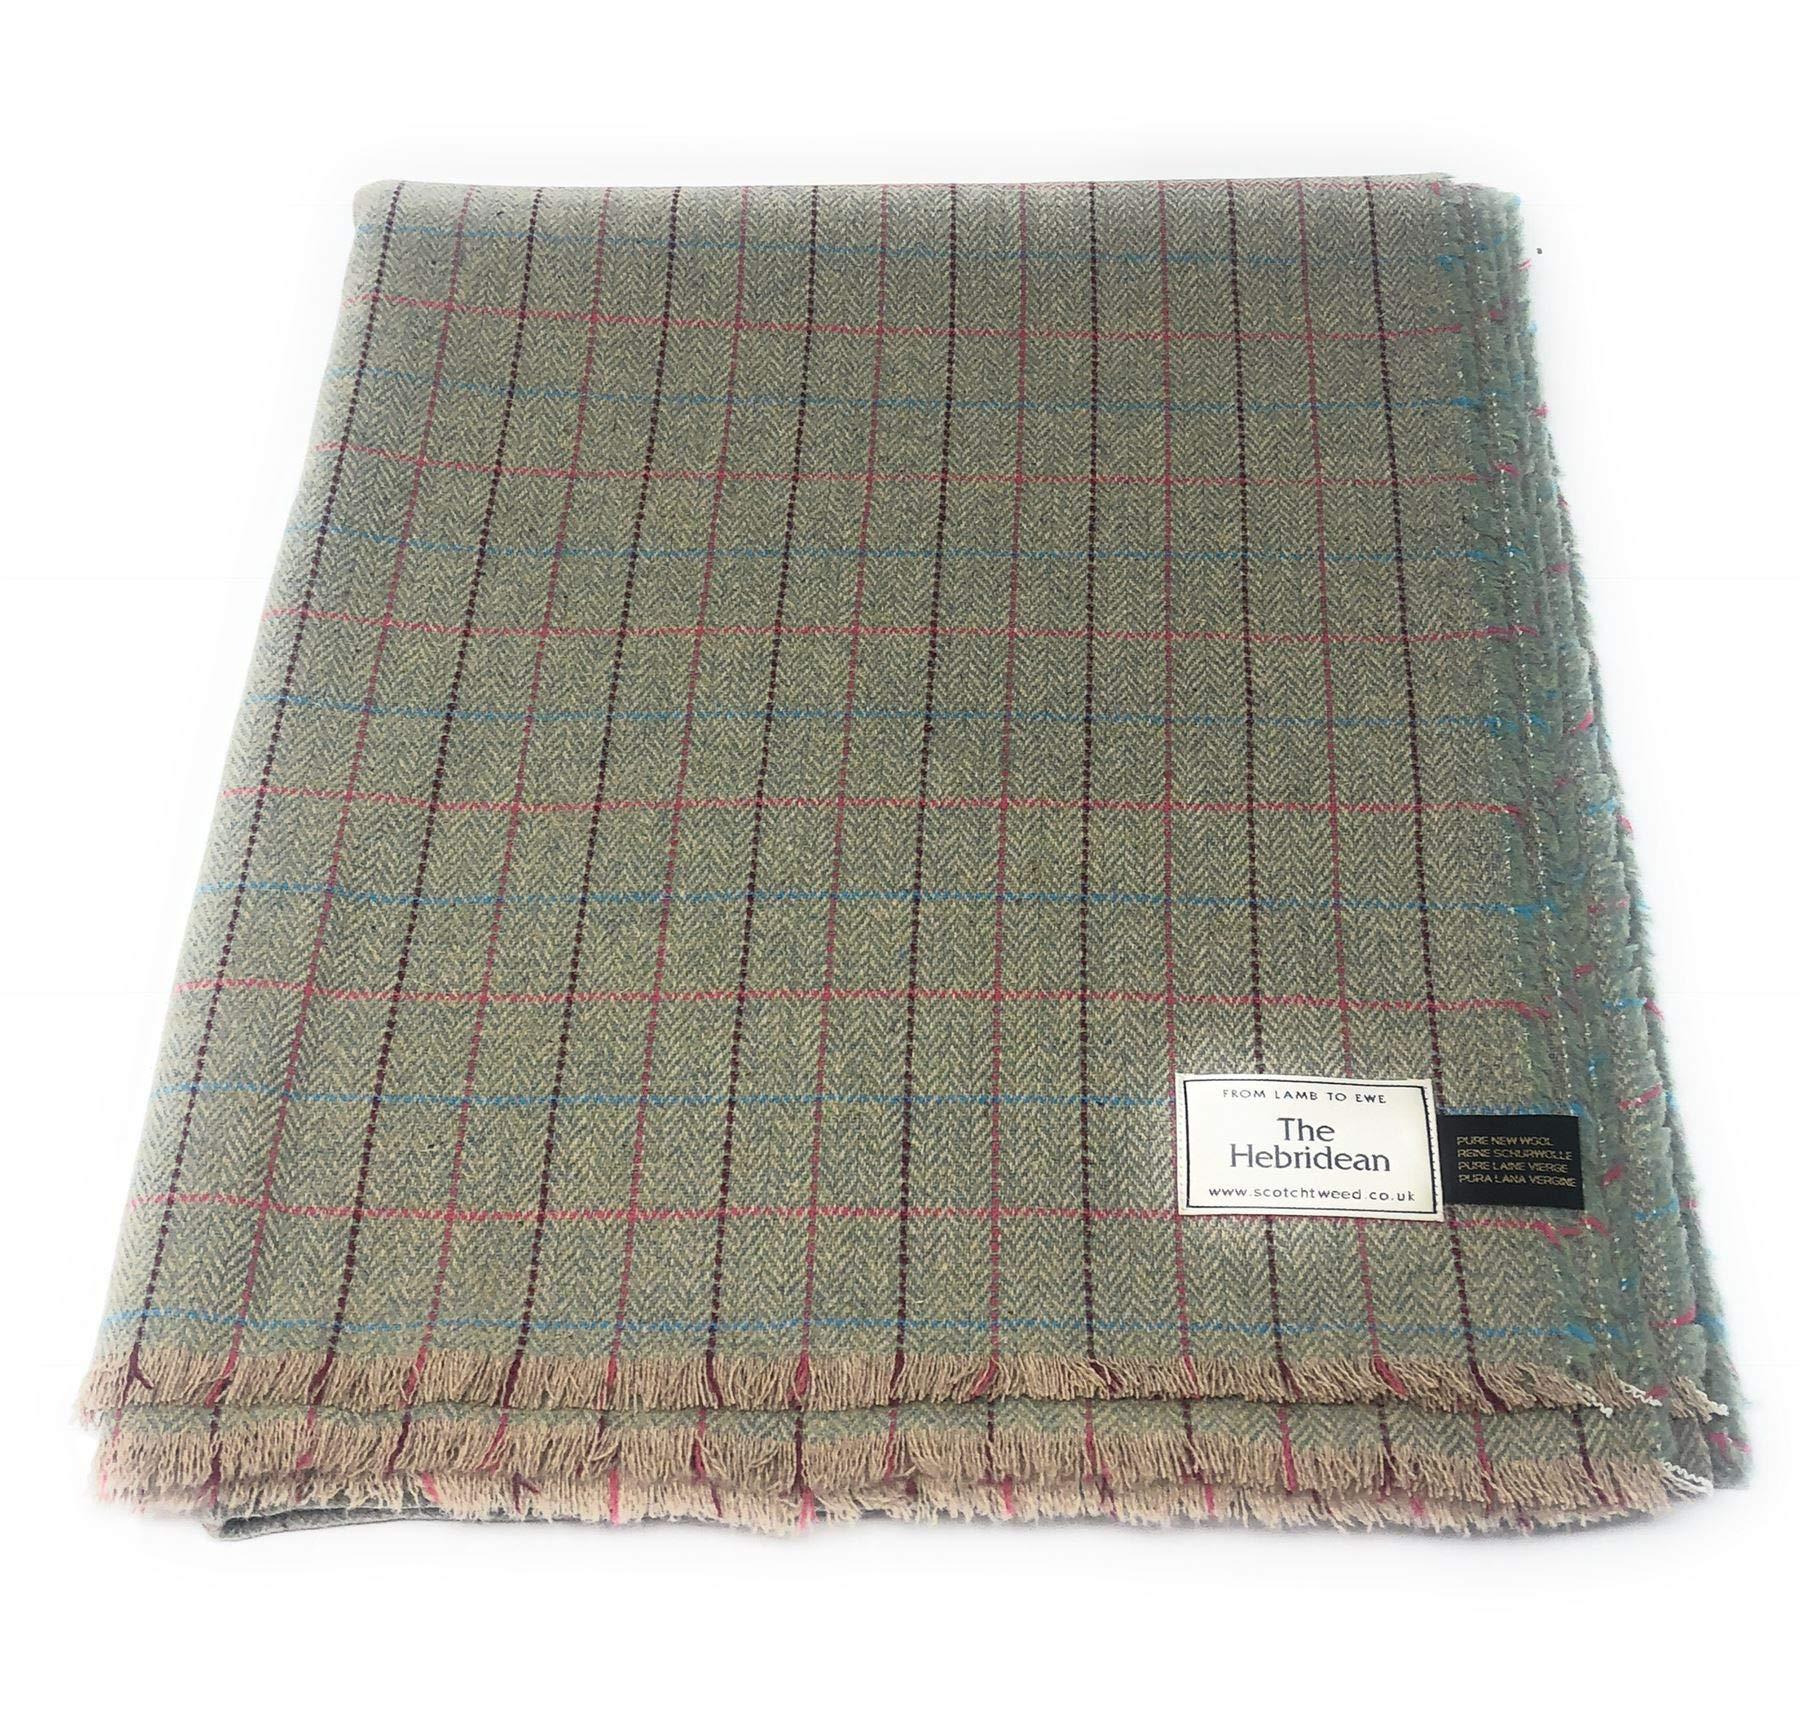 Pure Wool Tweed Blanket/Bedspread/Throw Green Pink Herringbone and Windowpane